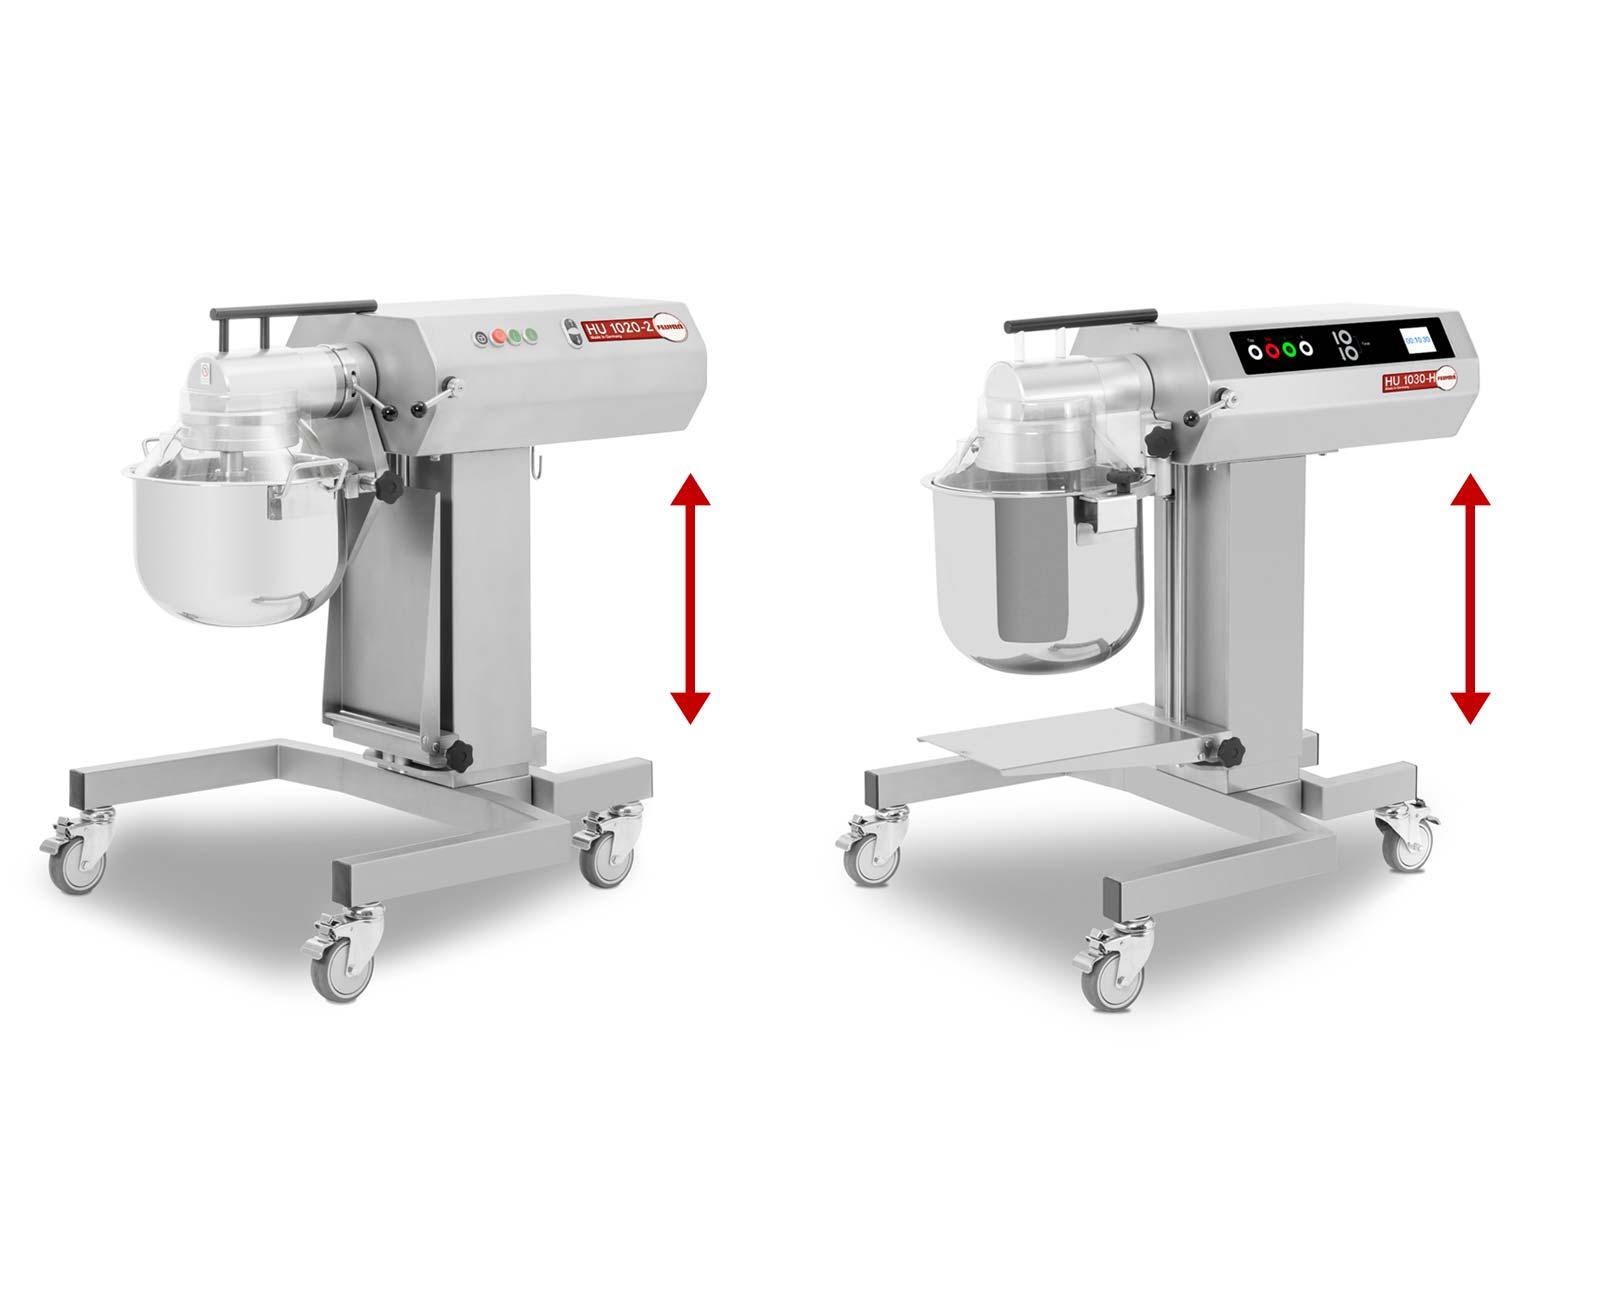 Feuma HU1020-2H und HU 1030-H verfügen beide über ein höhenverstellbares Untergestell - Multifunktions-Küchenmaschine für die Profiküche